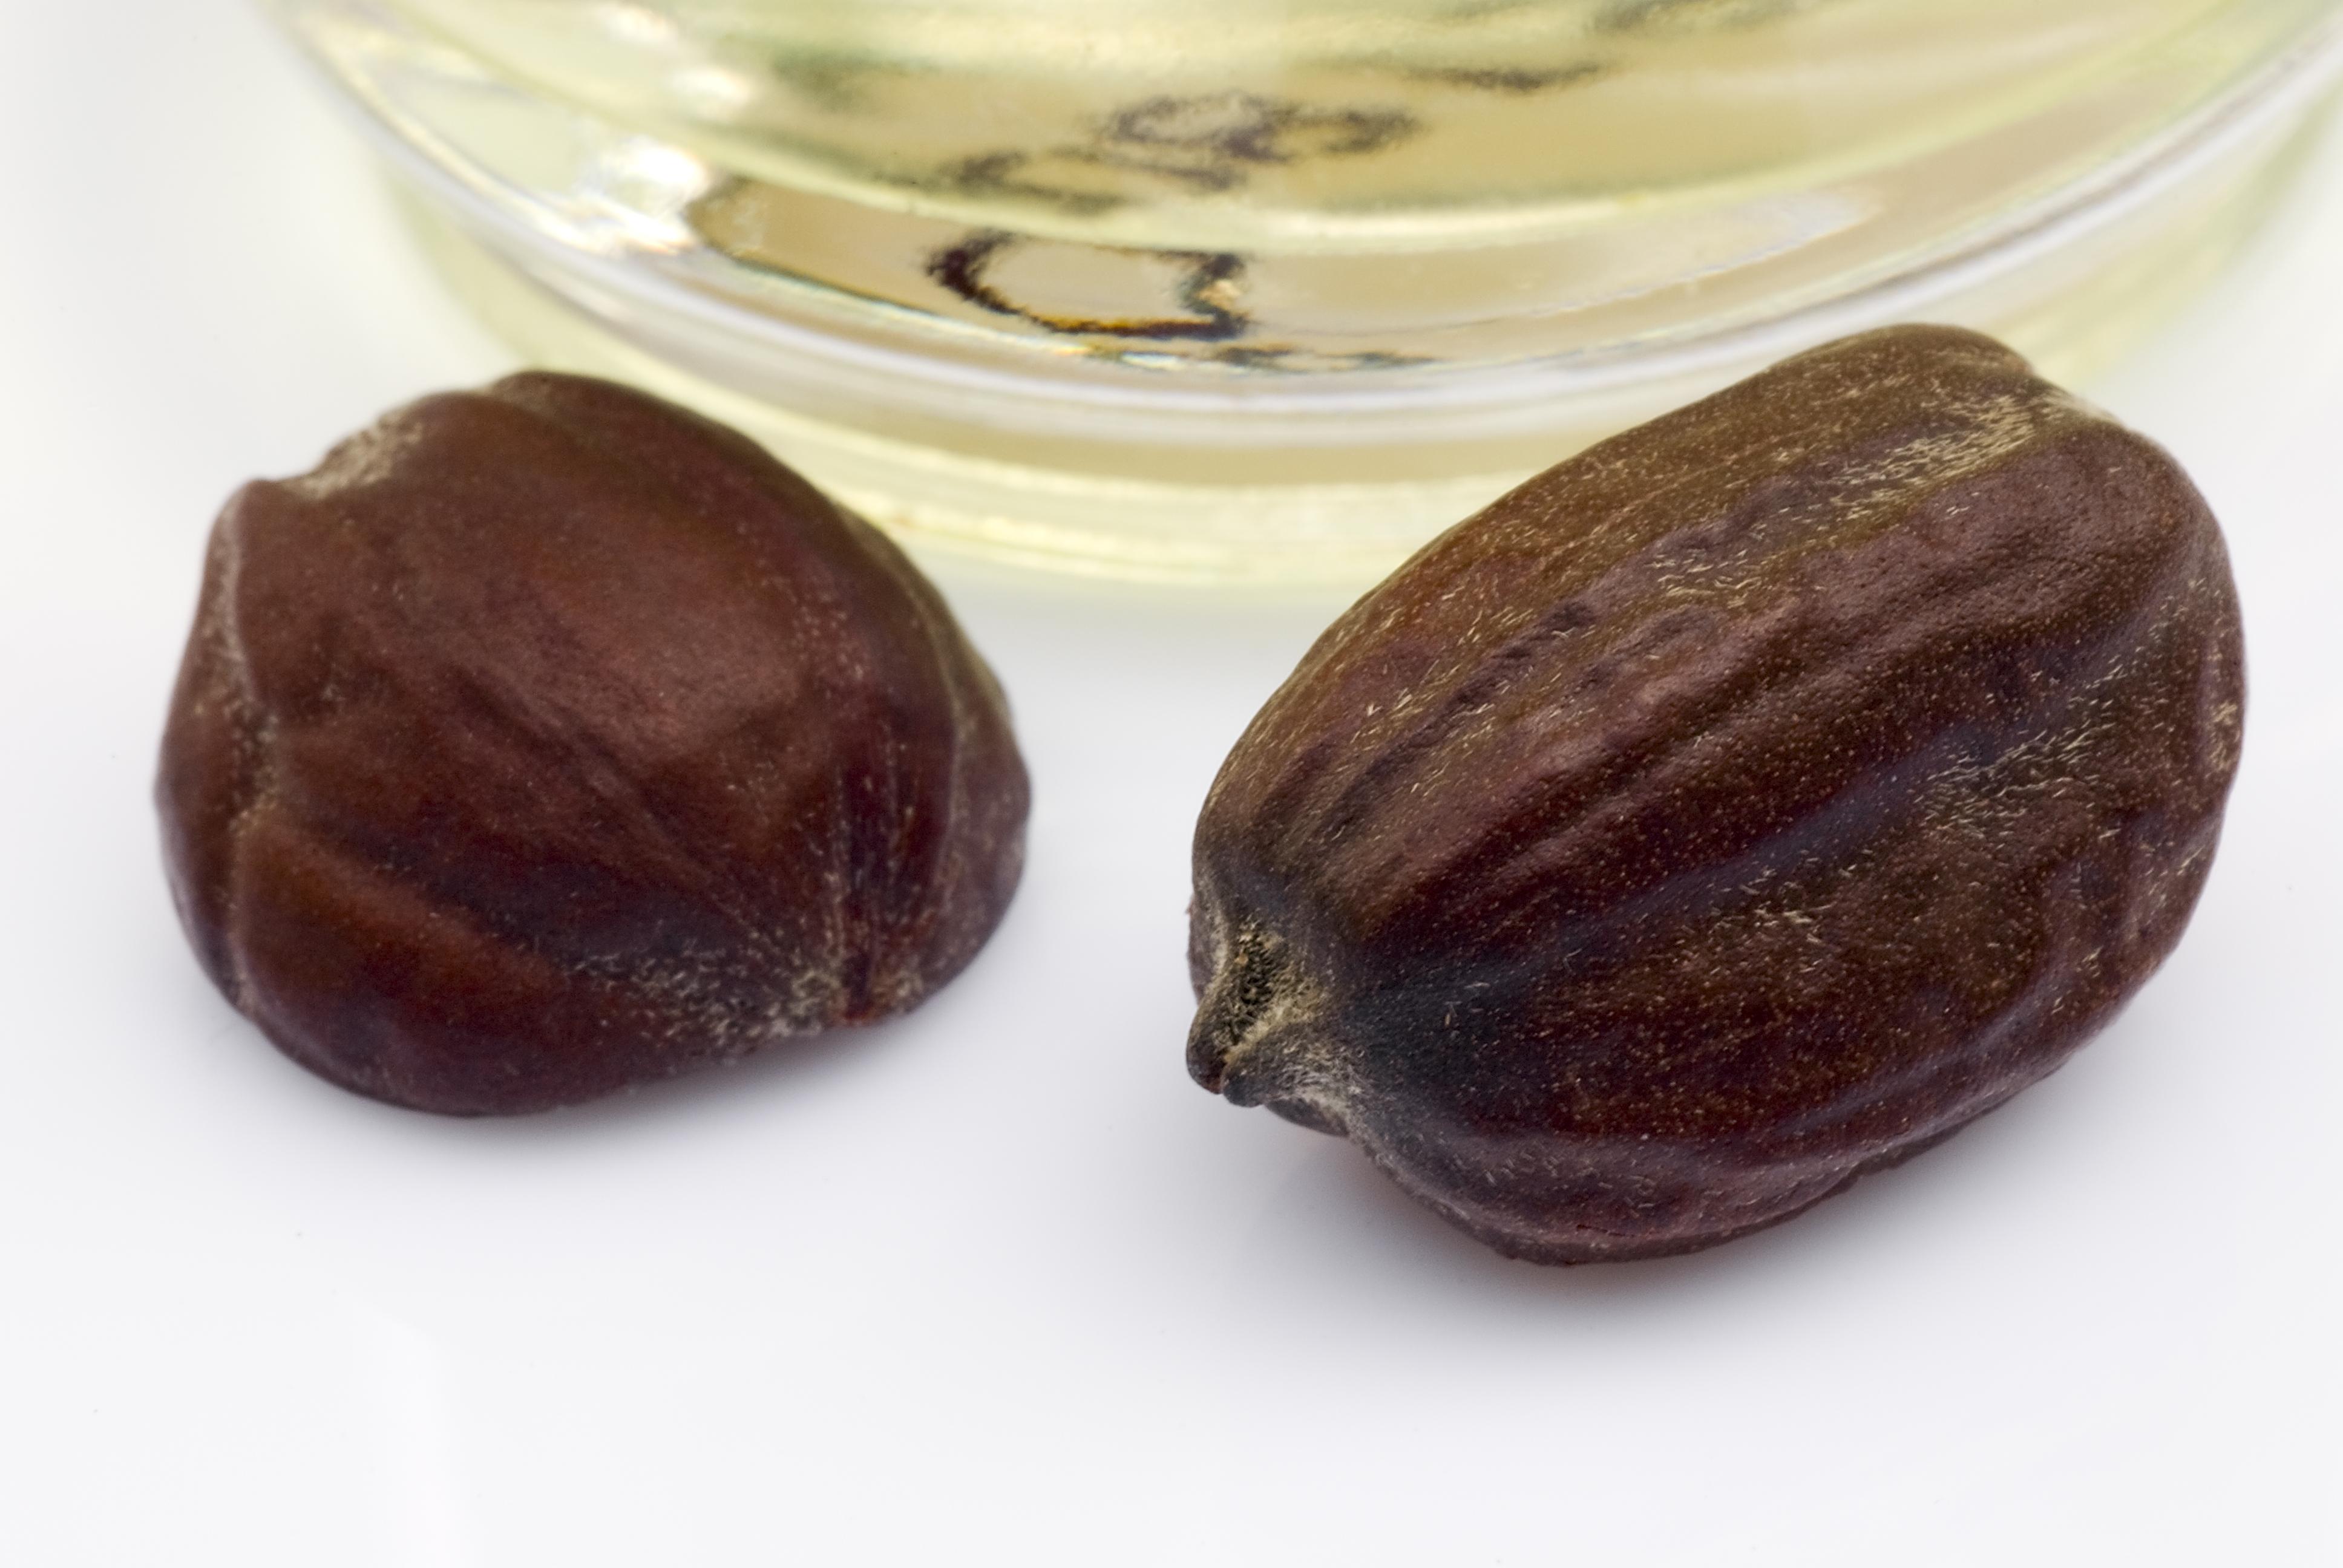 Jojobaöl Mittel Für Schöne Haut Haare Desiredde